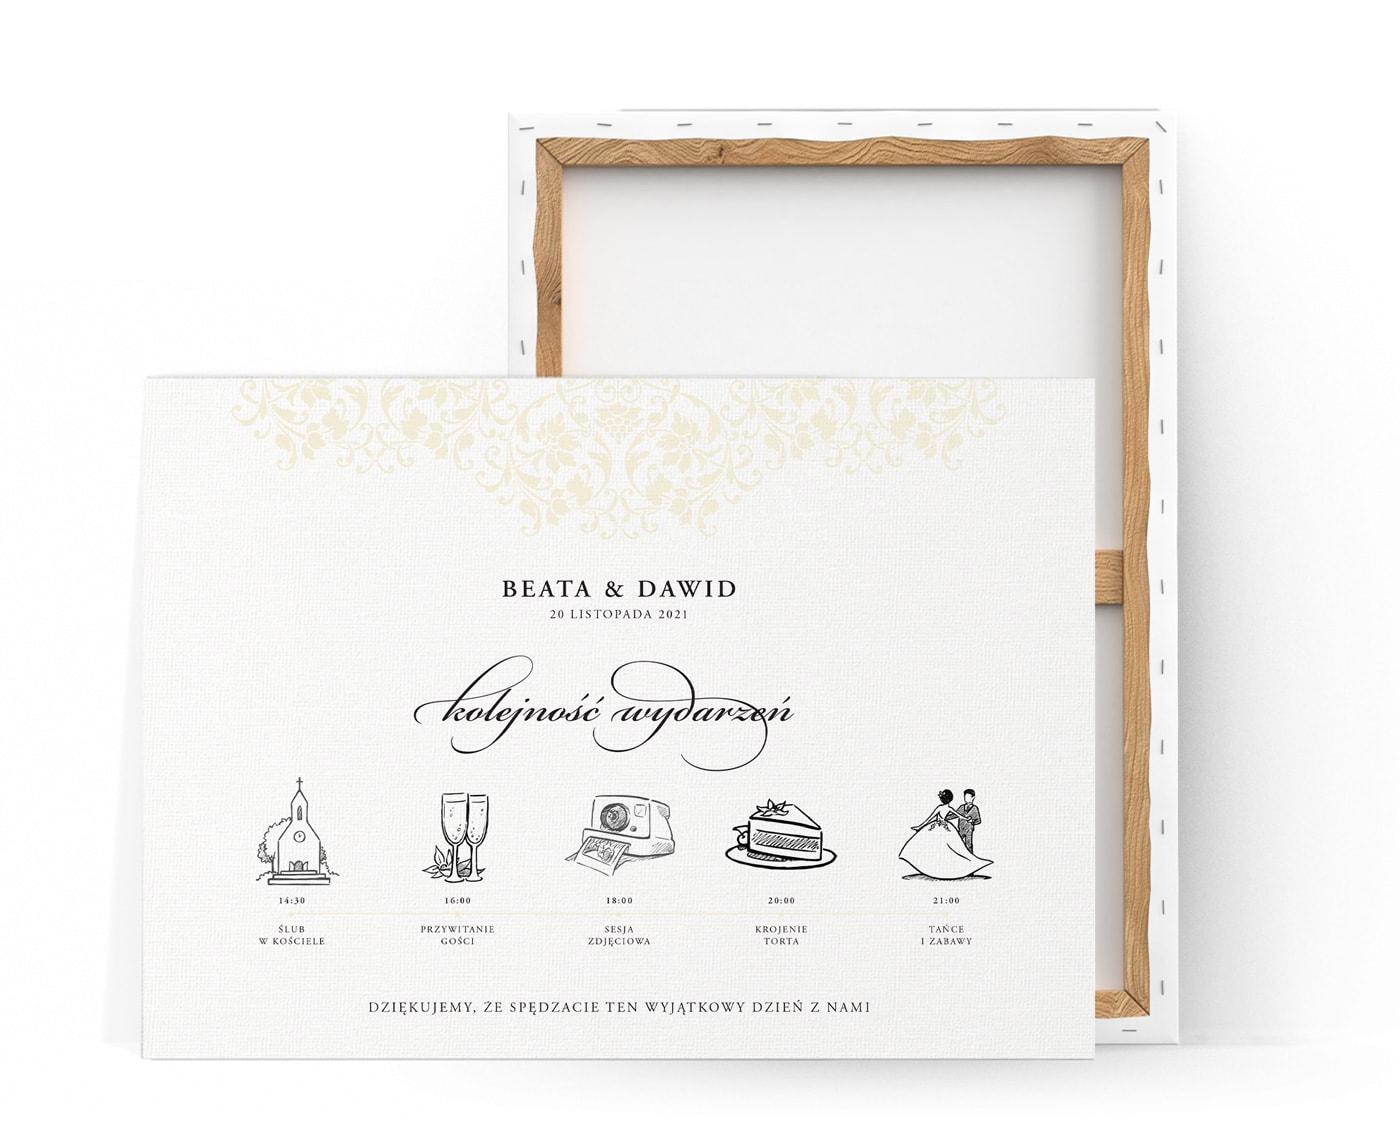 Tablica z przebiegiem uroczystości weselnej, pokazane na obrazkach